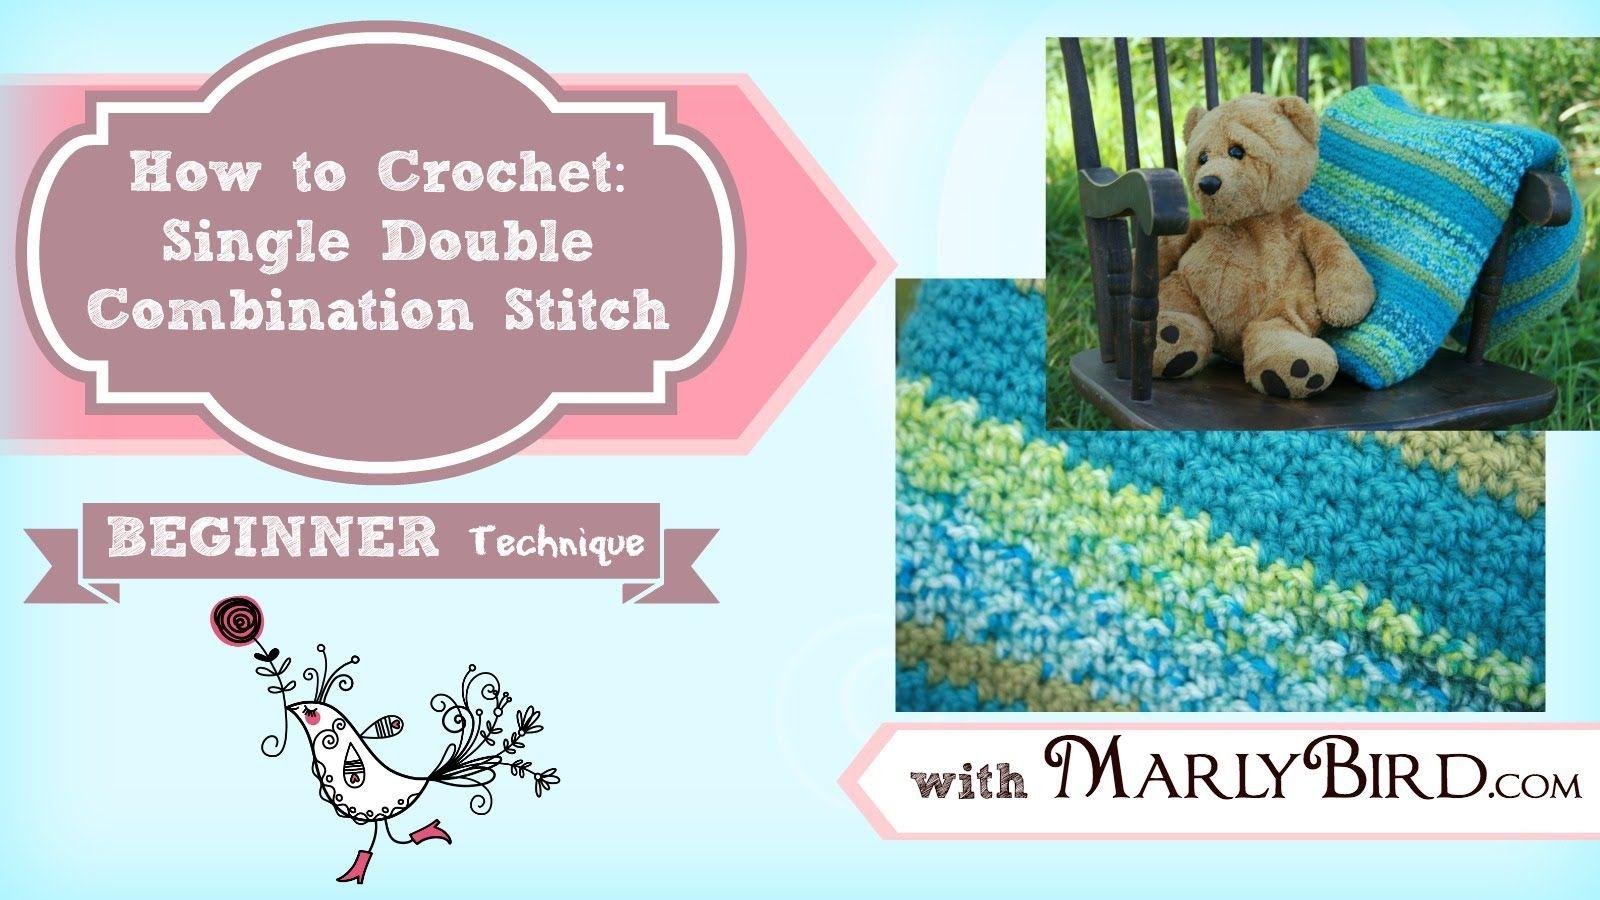 Single Double Combination Stitch (Seed Stitch/Waffle Stitch) video ...